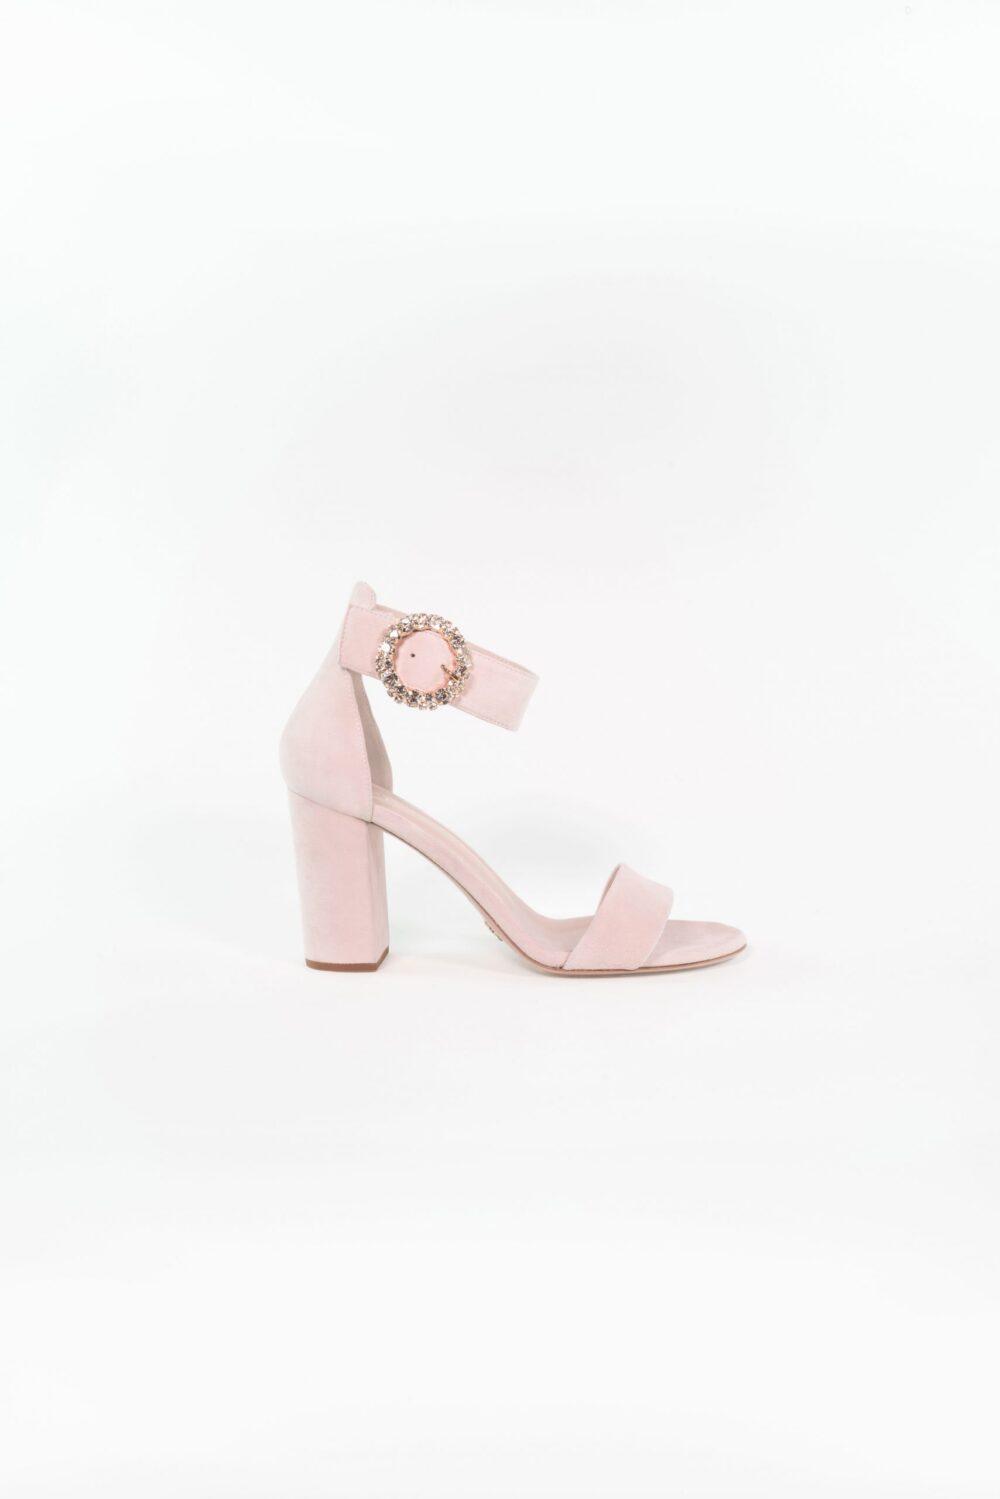 Designer Hochzeitsschuh Light rose Blockabsatz Anna